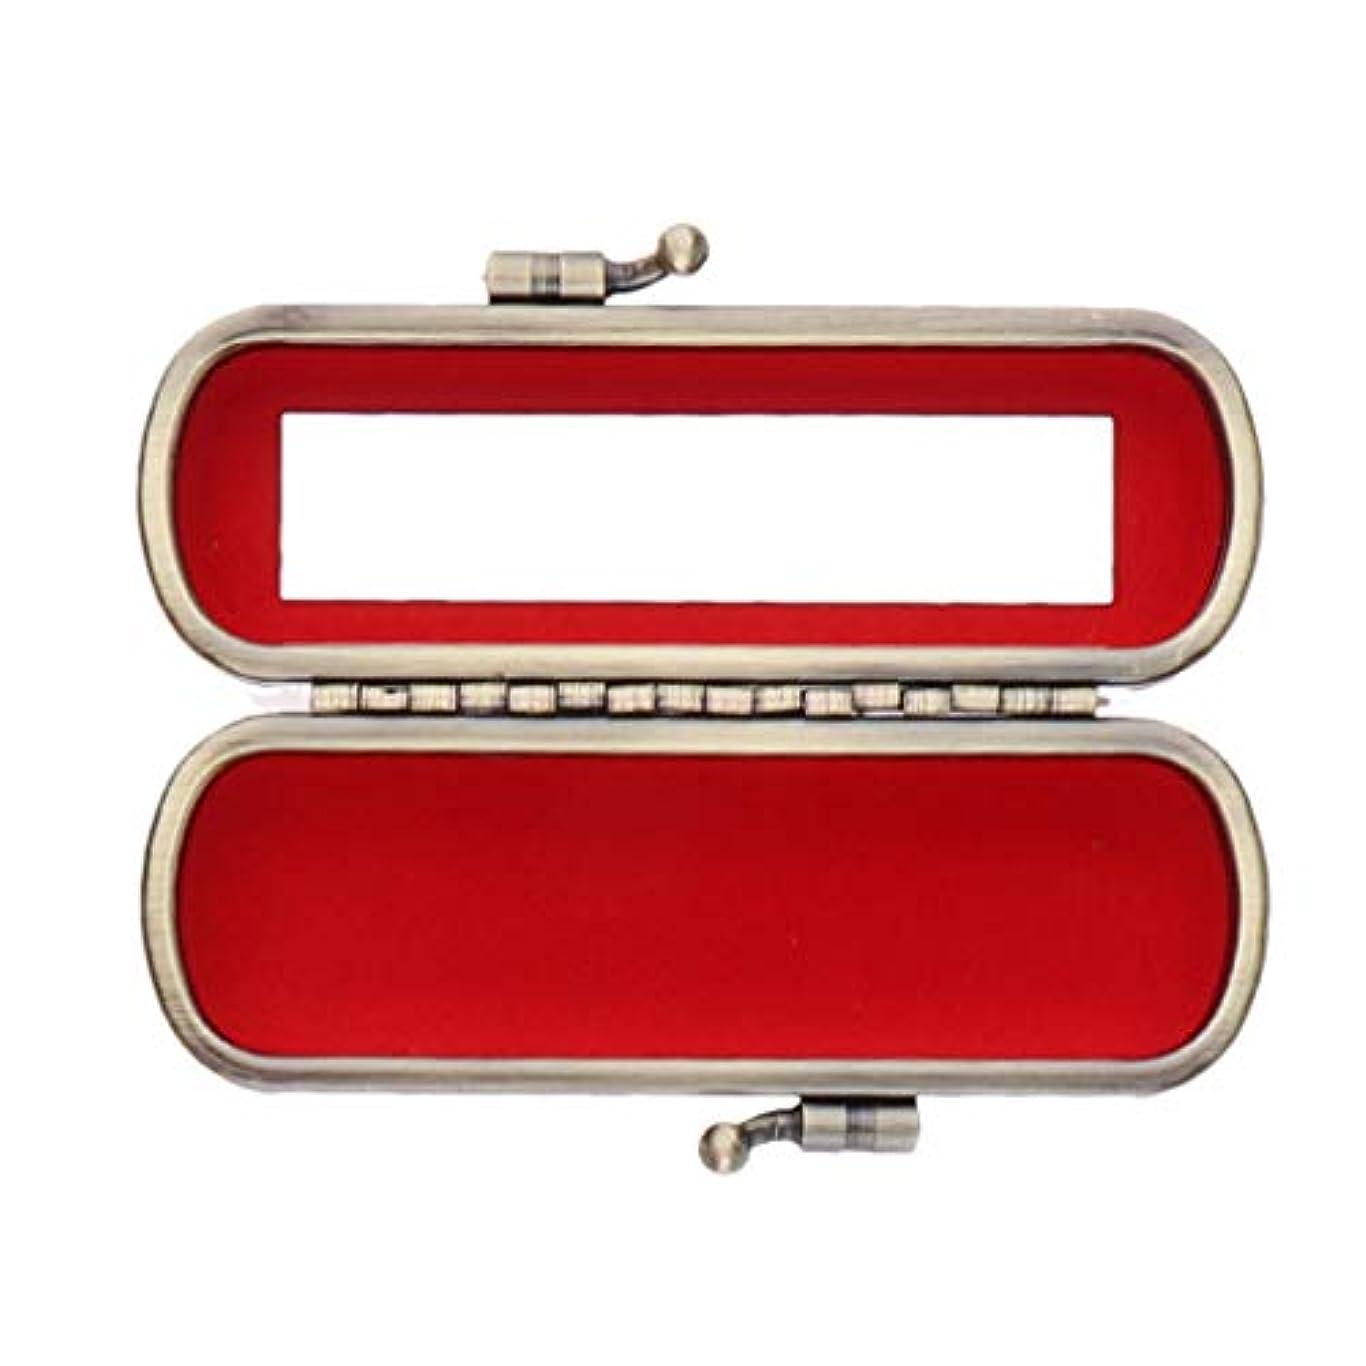 トロリーバス爵補足財布用ミラーオーガナイザーバッグ付きかわいいレザーリップスティックリップクリームケース - 赤